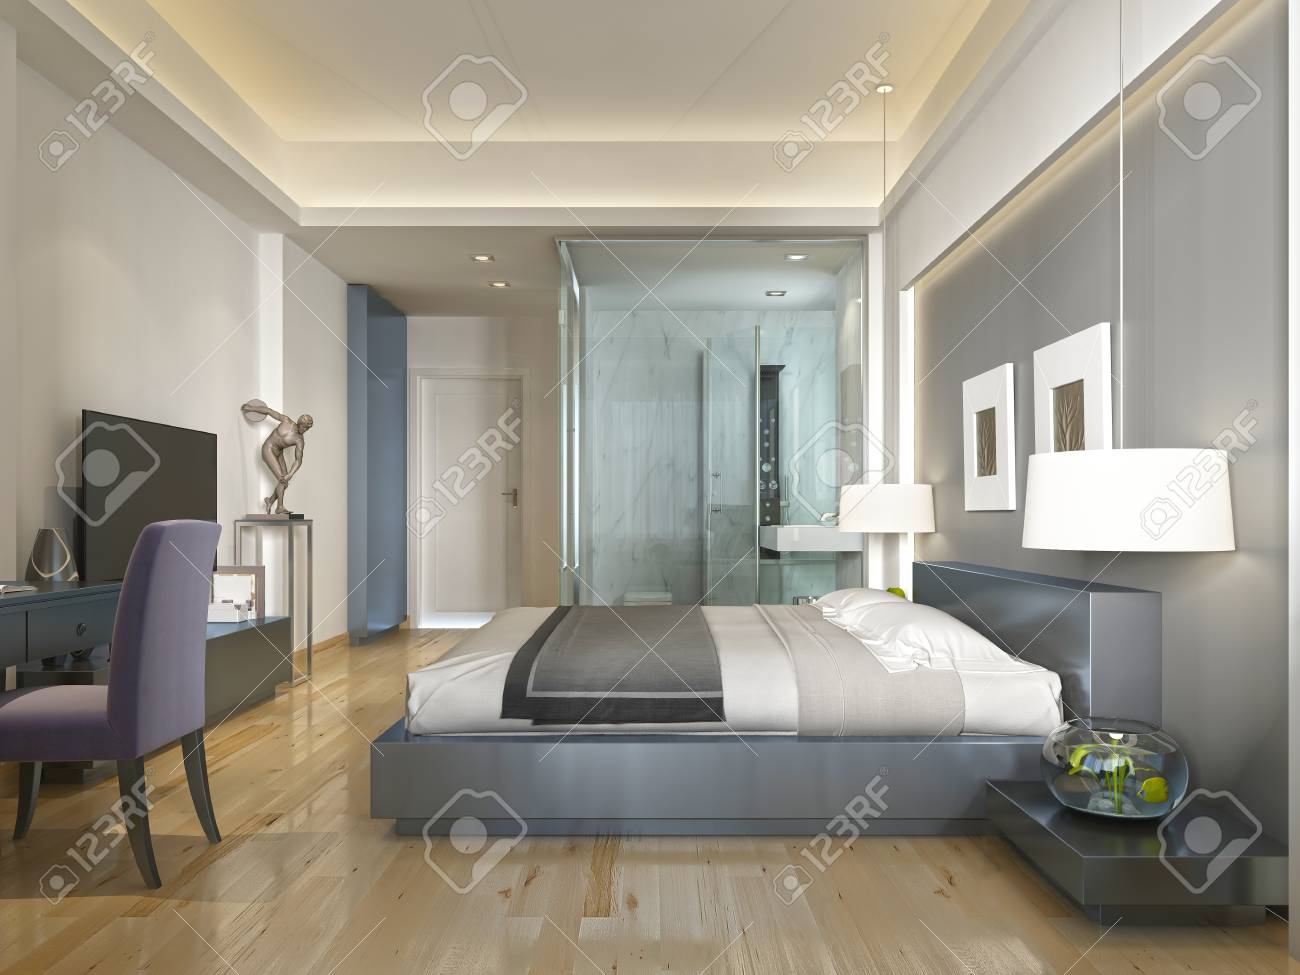 Habitación de un hotel moderno, con una cama grande, estilo contemporáneo  con elementos del arte Deco. nicho decorativo en la pared con la  iluminación